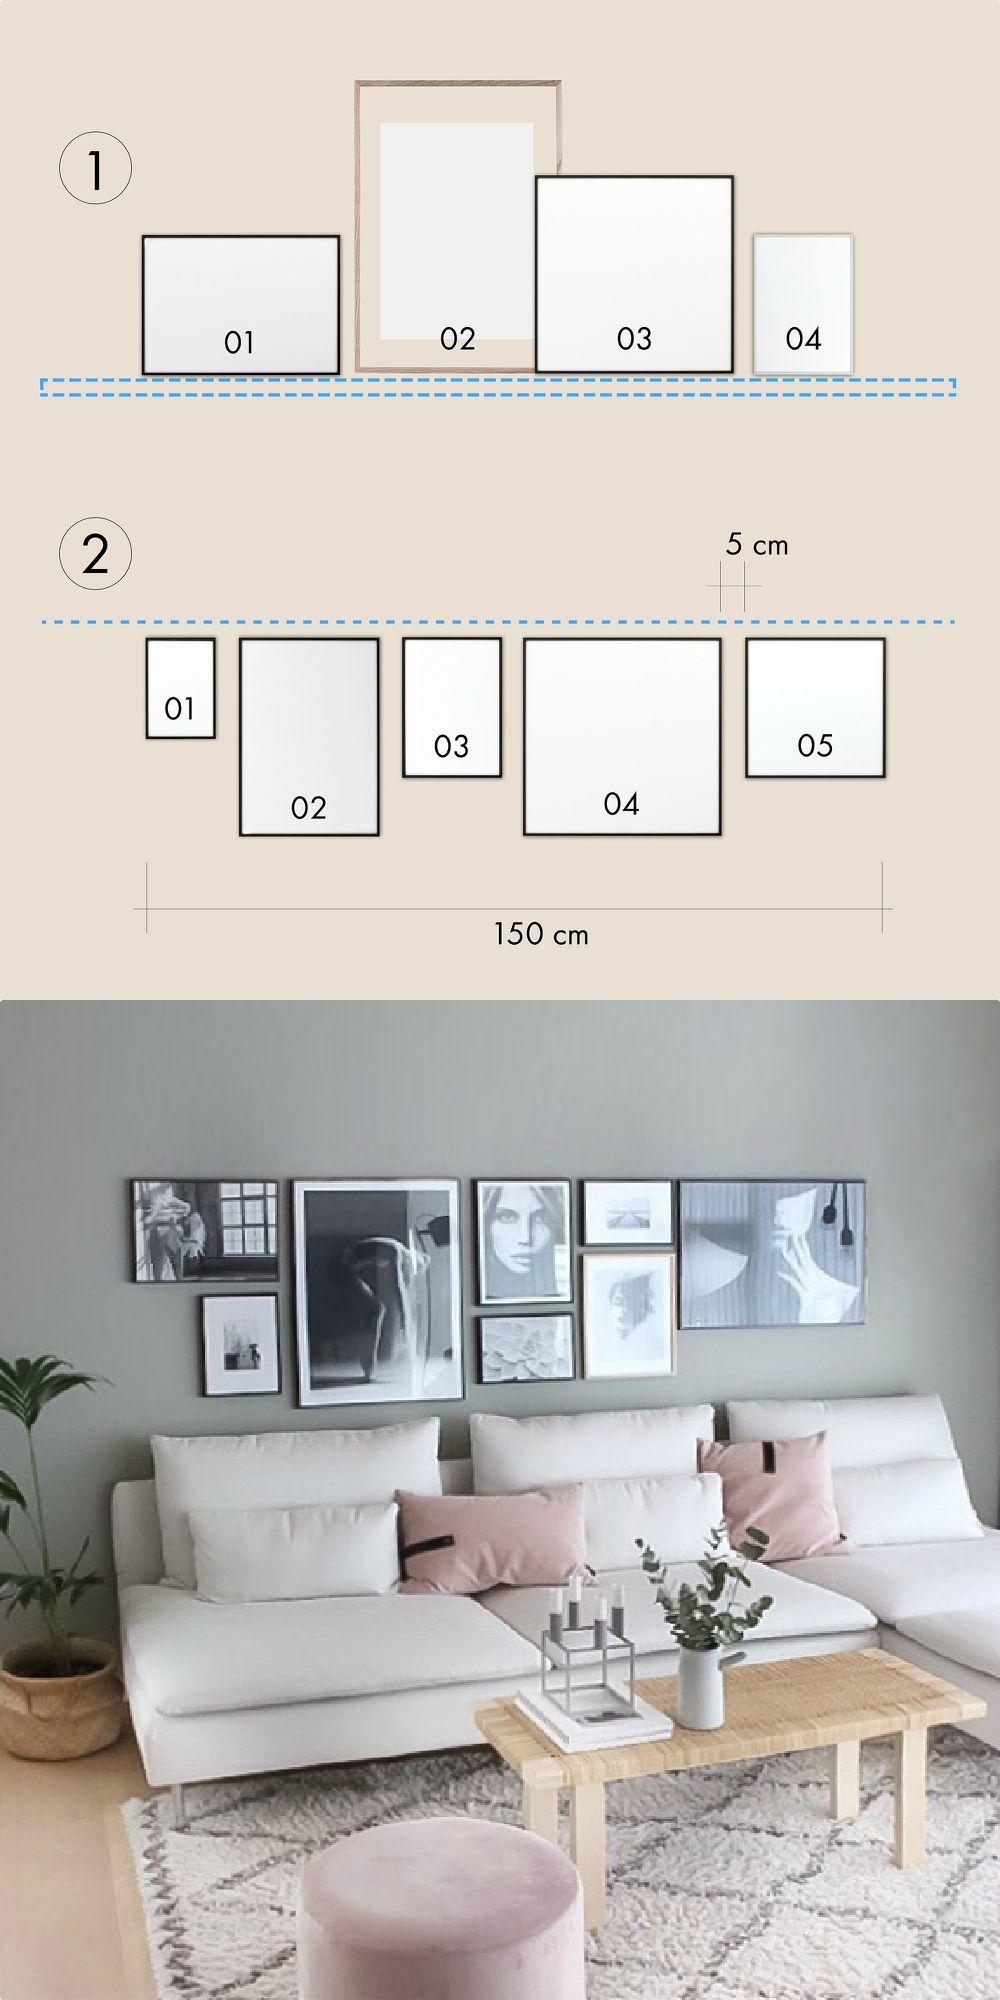 Bilder Aufhängen So Geht S Richtig Wohnzimmer